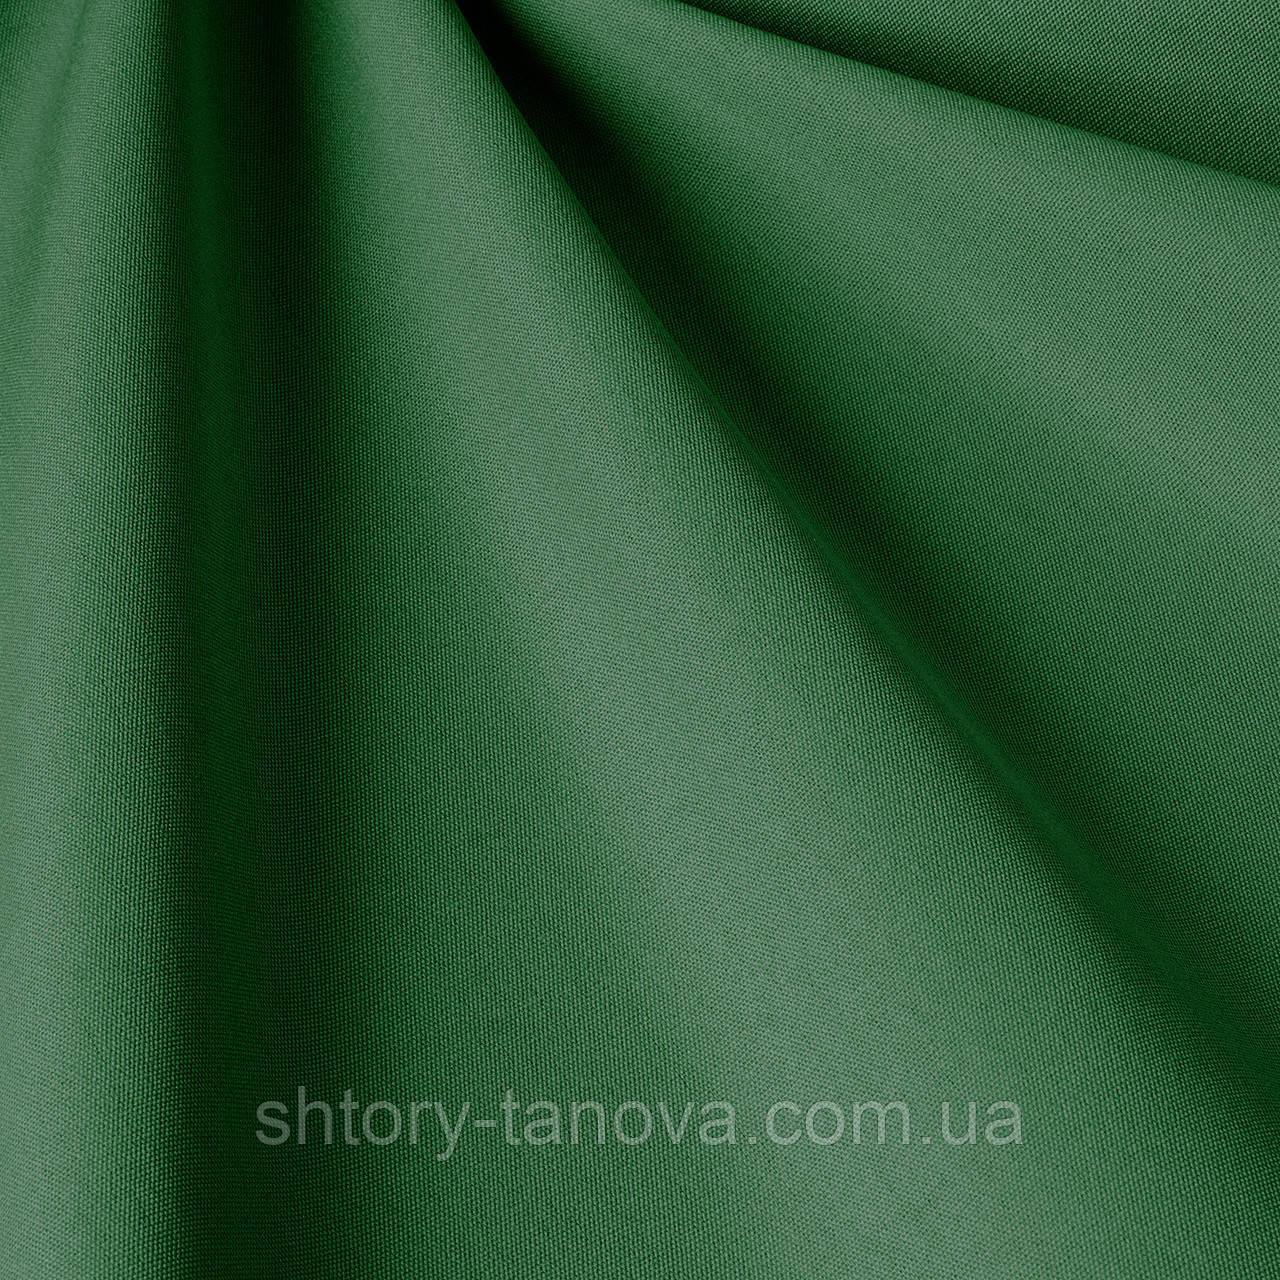 Однотонна вулична тканина водовідштовхувальна зеленого кольору